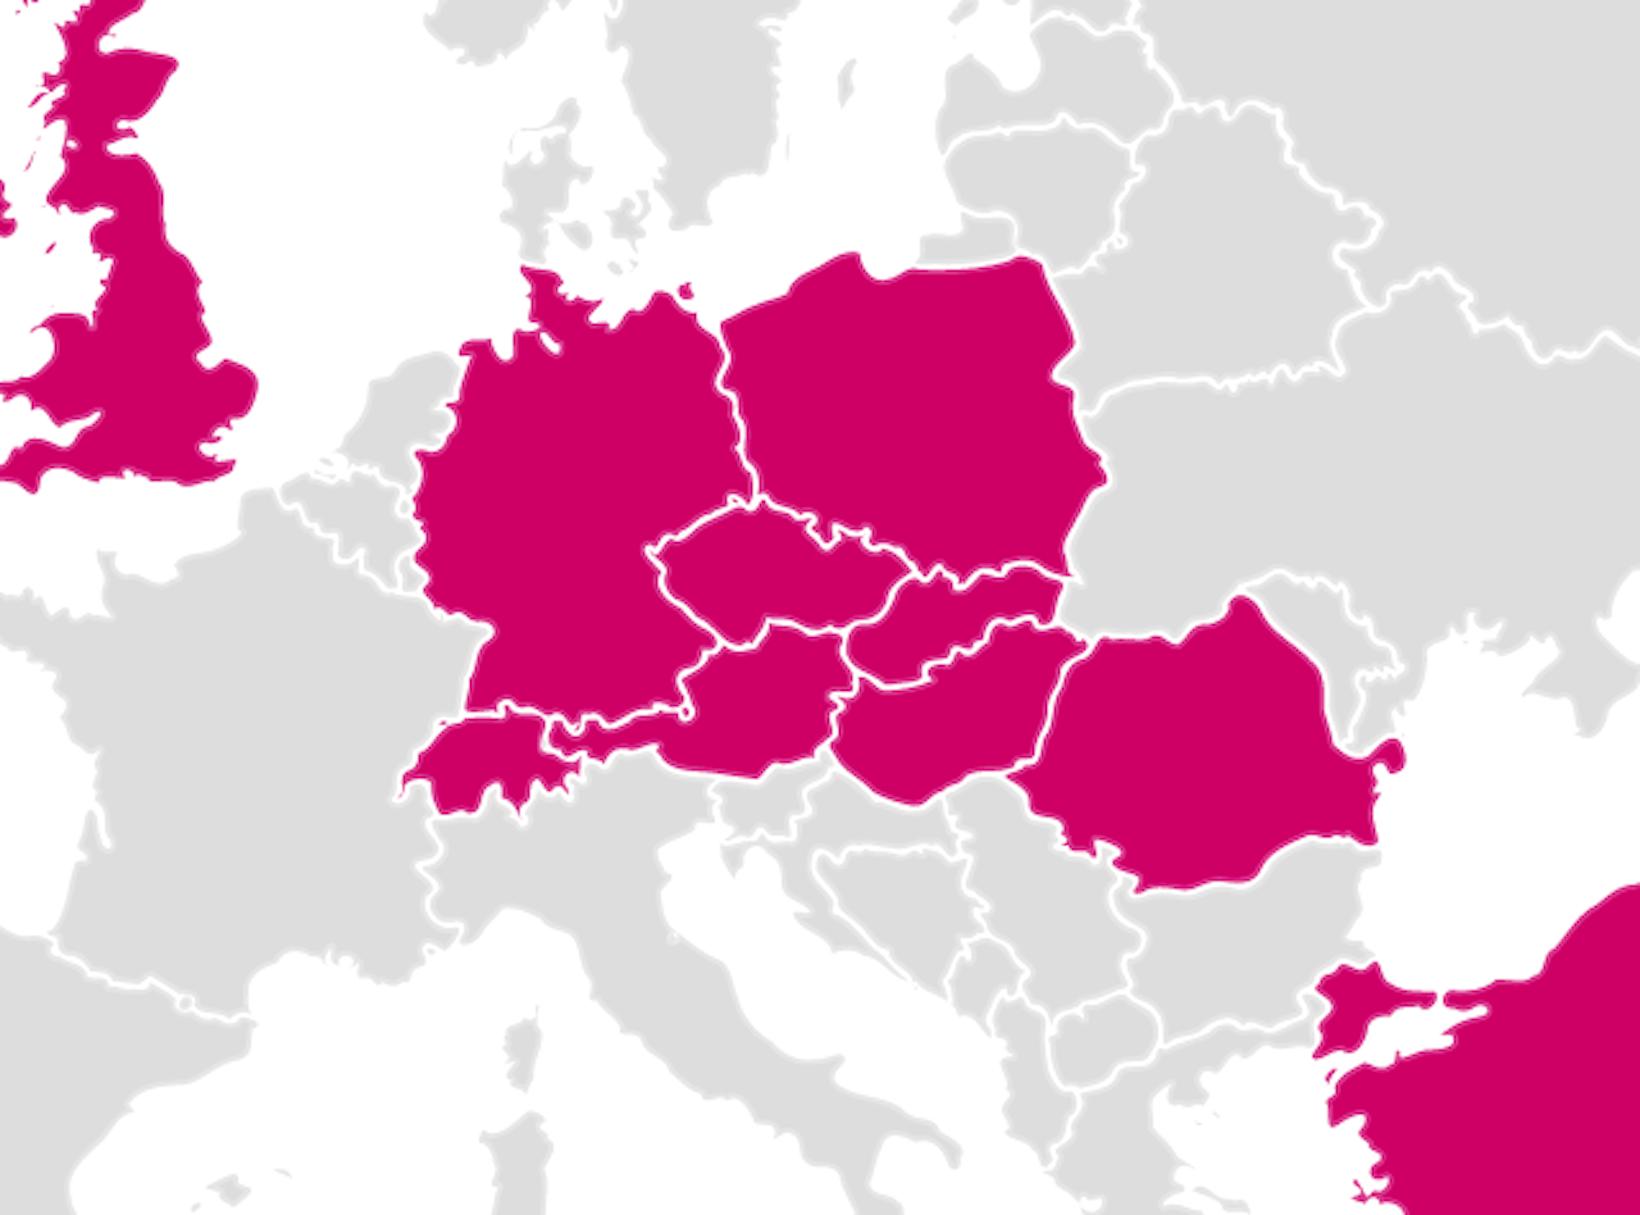 Mapa Evropy - Země, ve kterých jsem trénoval.